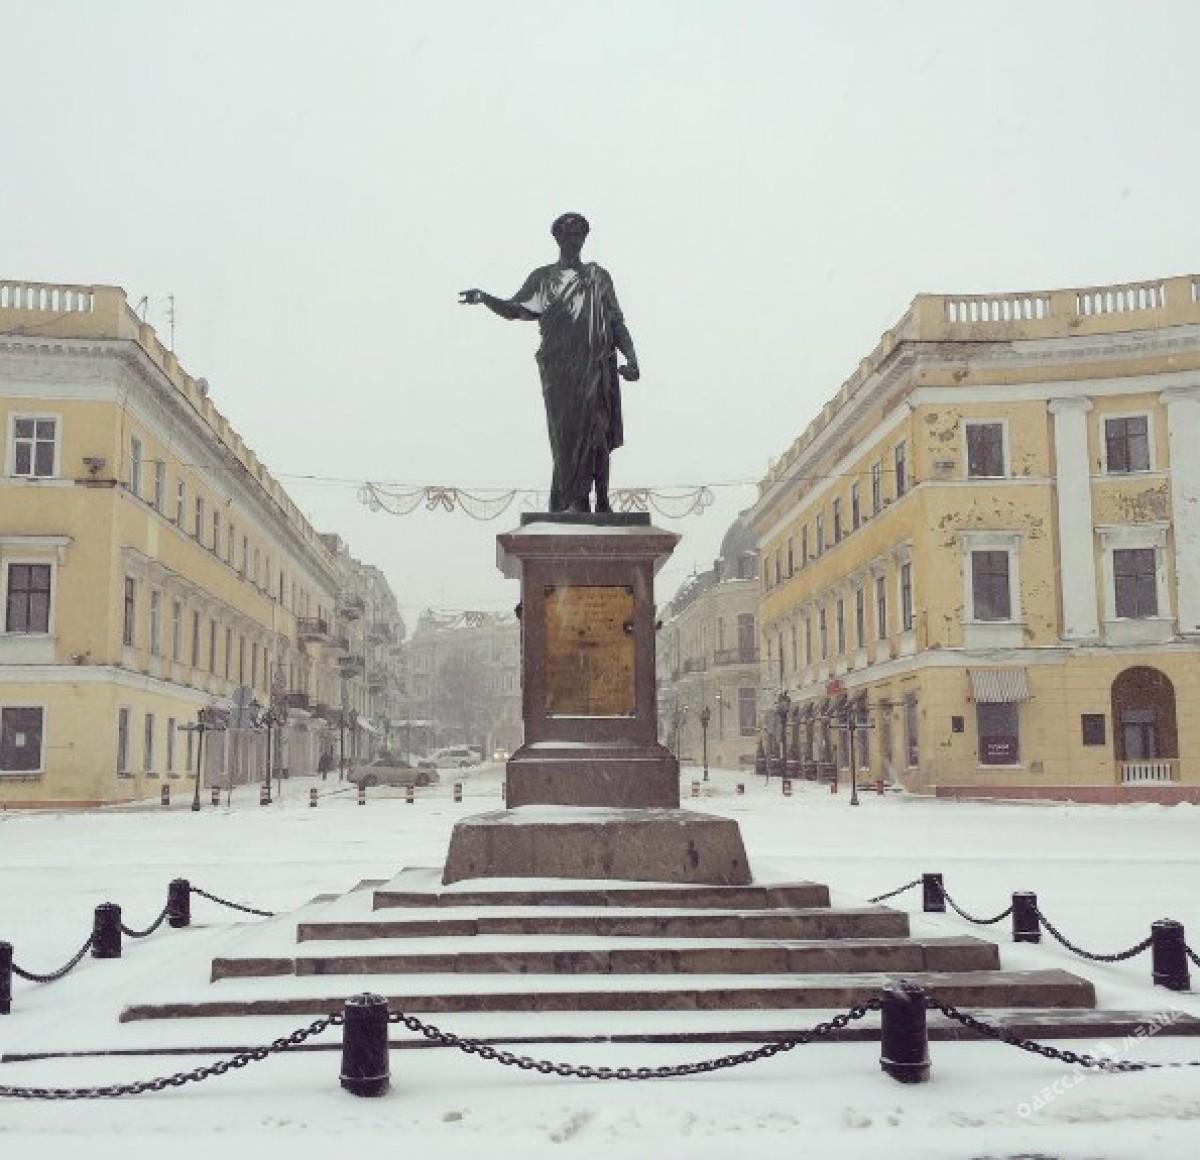 5062dce88e5660064d76fbbc50b276c3 Зимняя Одесса: пес-снеговик, одинокий Дюк и машины в сугробах